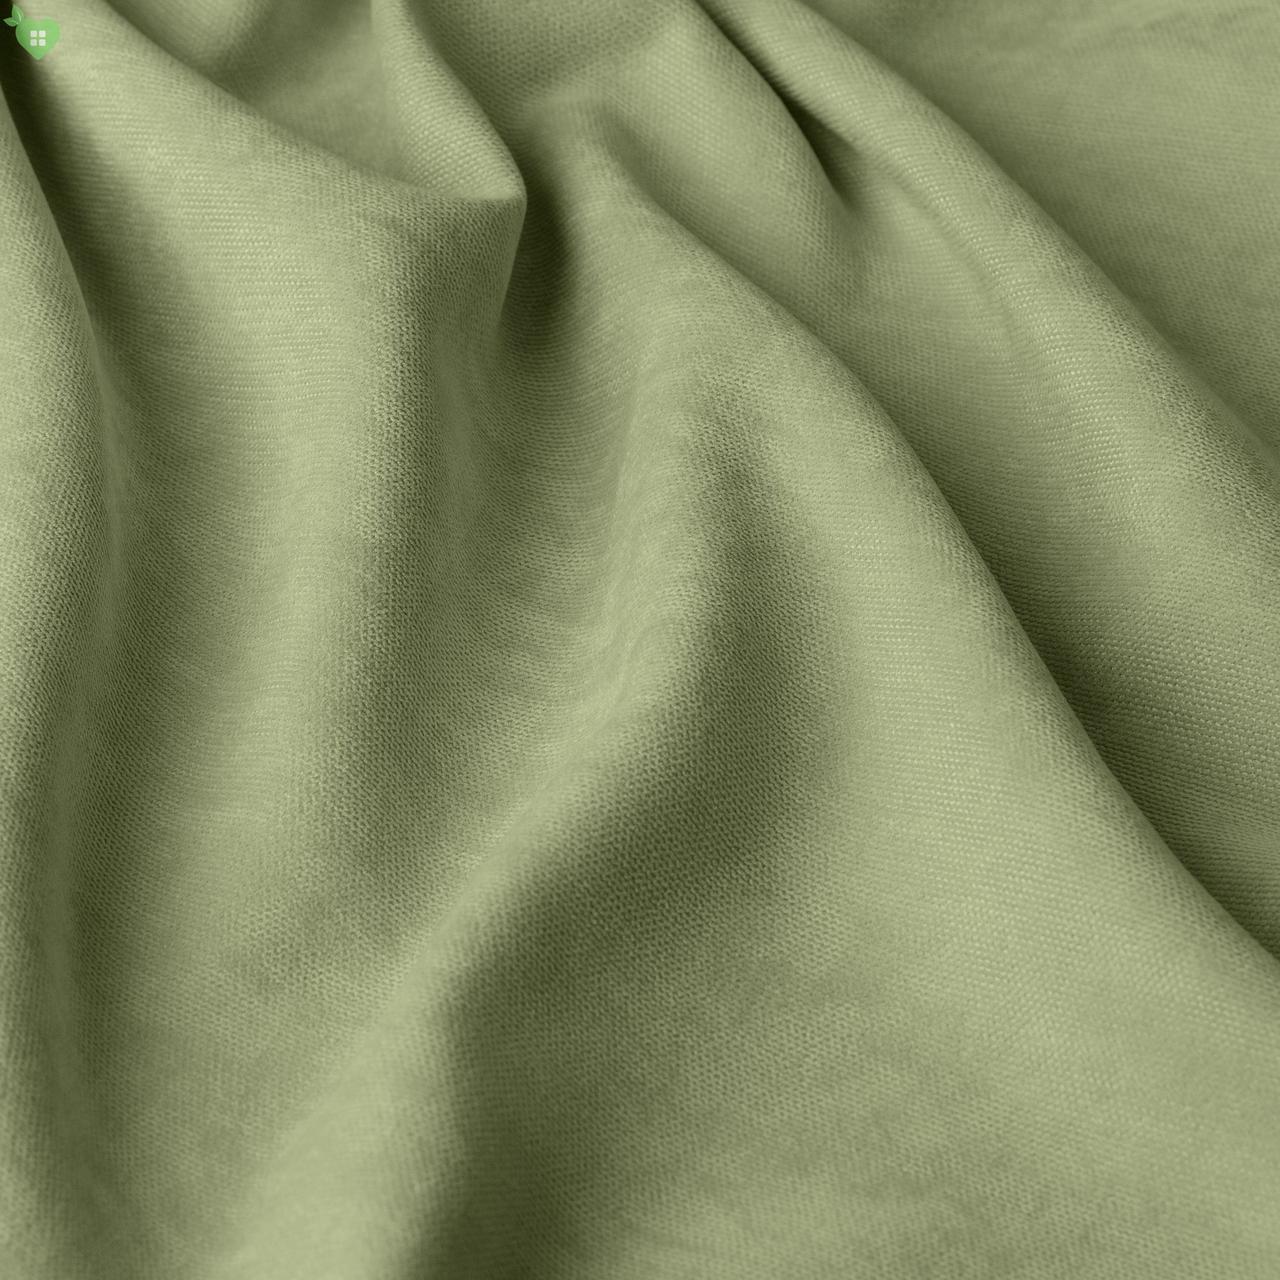 Однотонная декоративная ткань велюр оливково-зеленый 84371v25